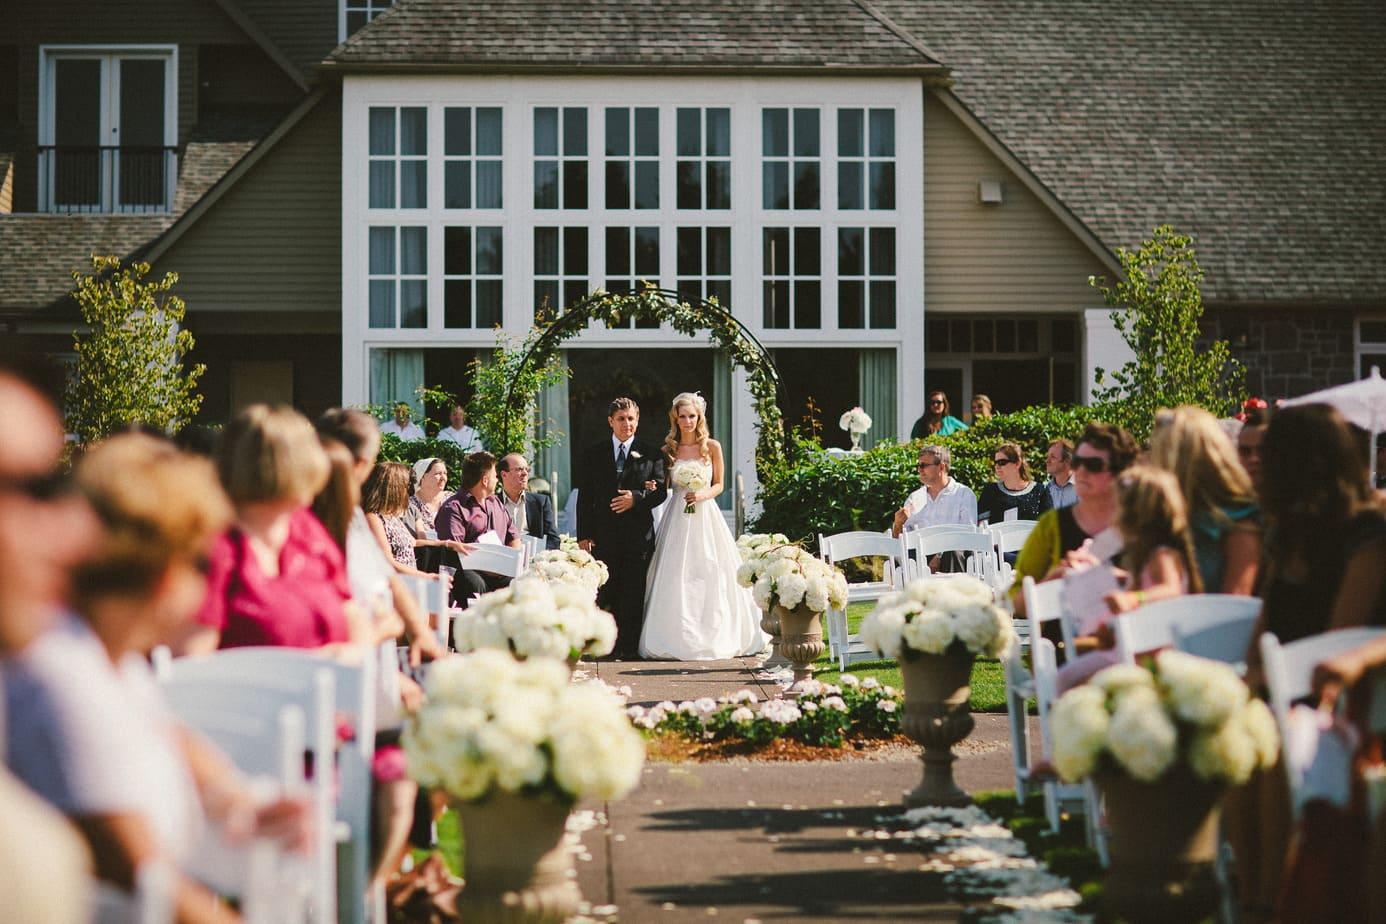 Oregon Golf Club Wedding With Caroline Ghetes